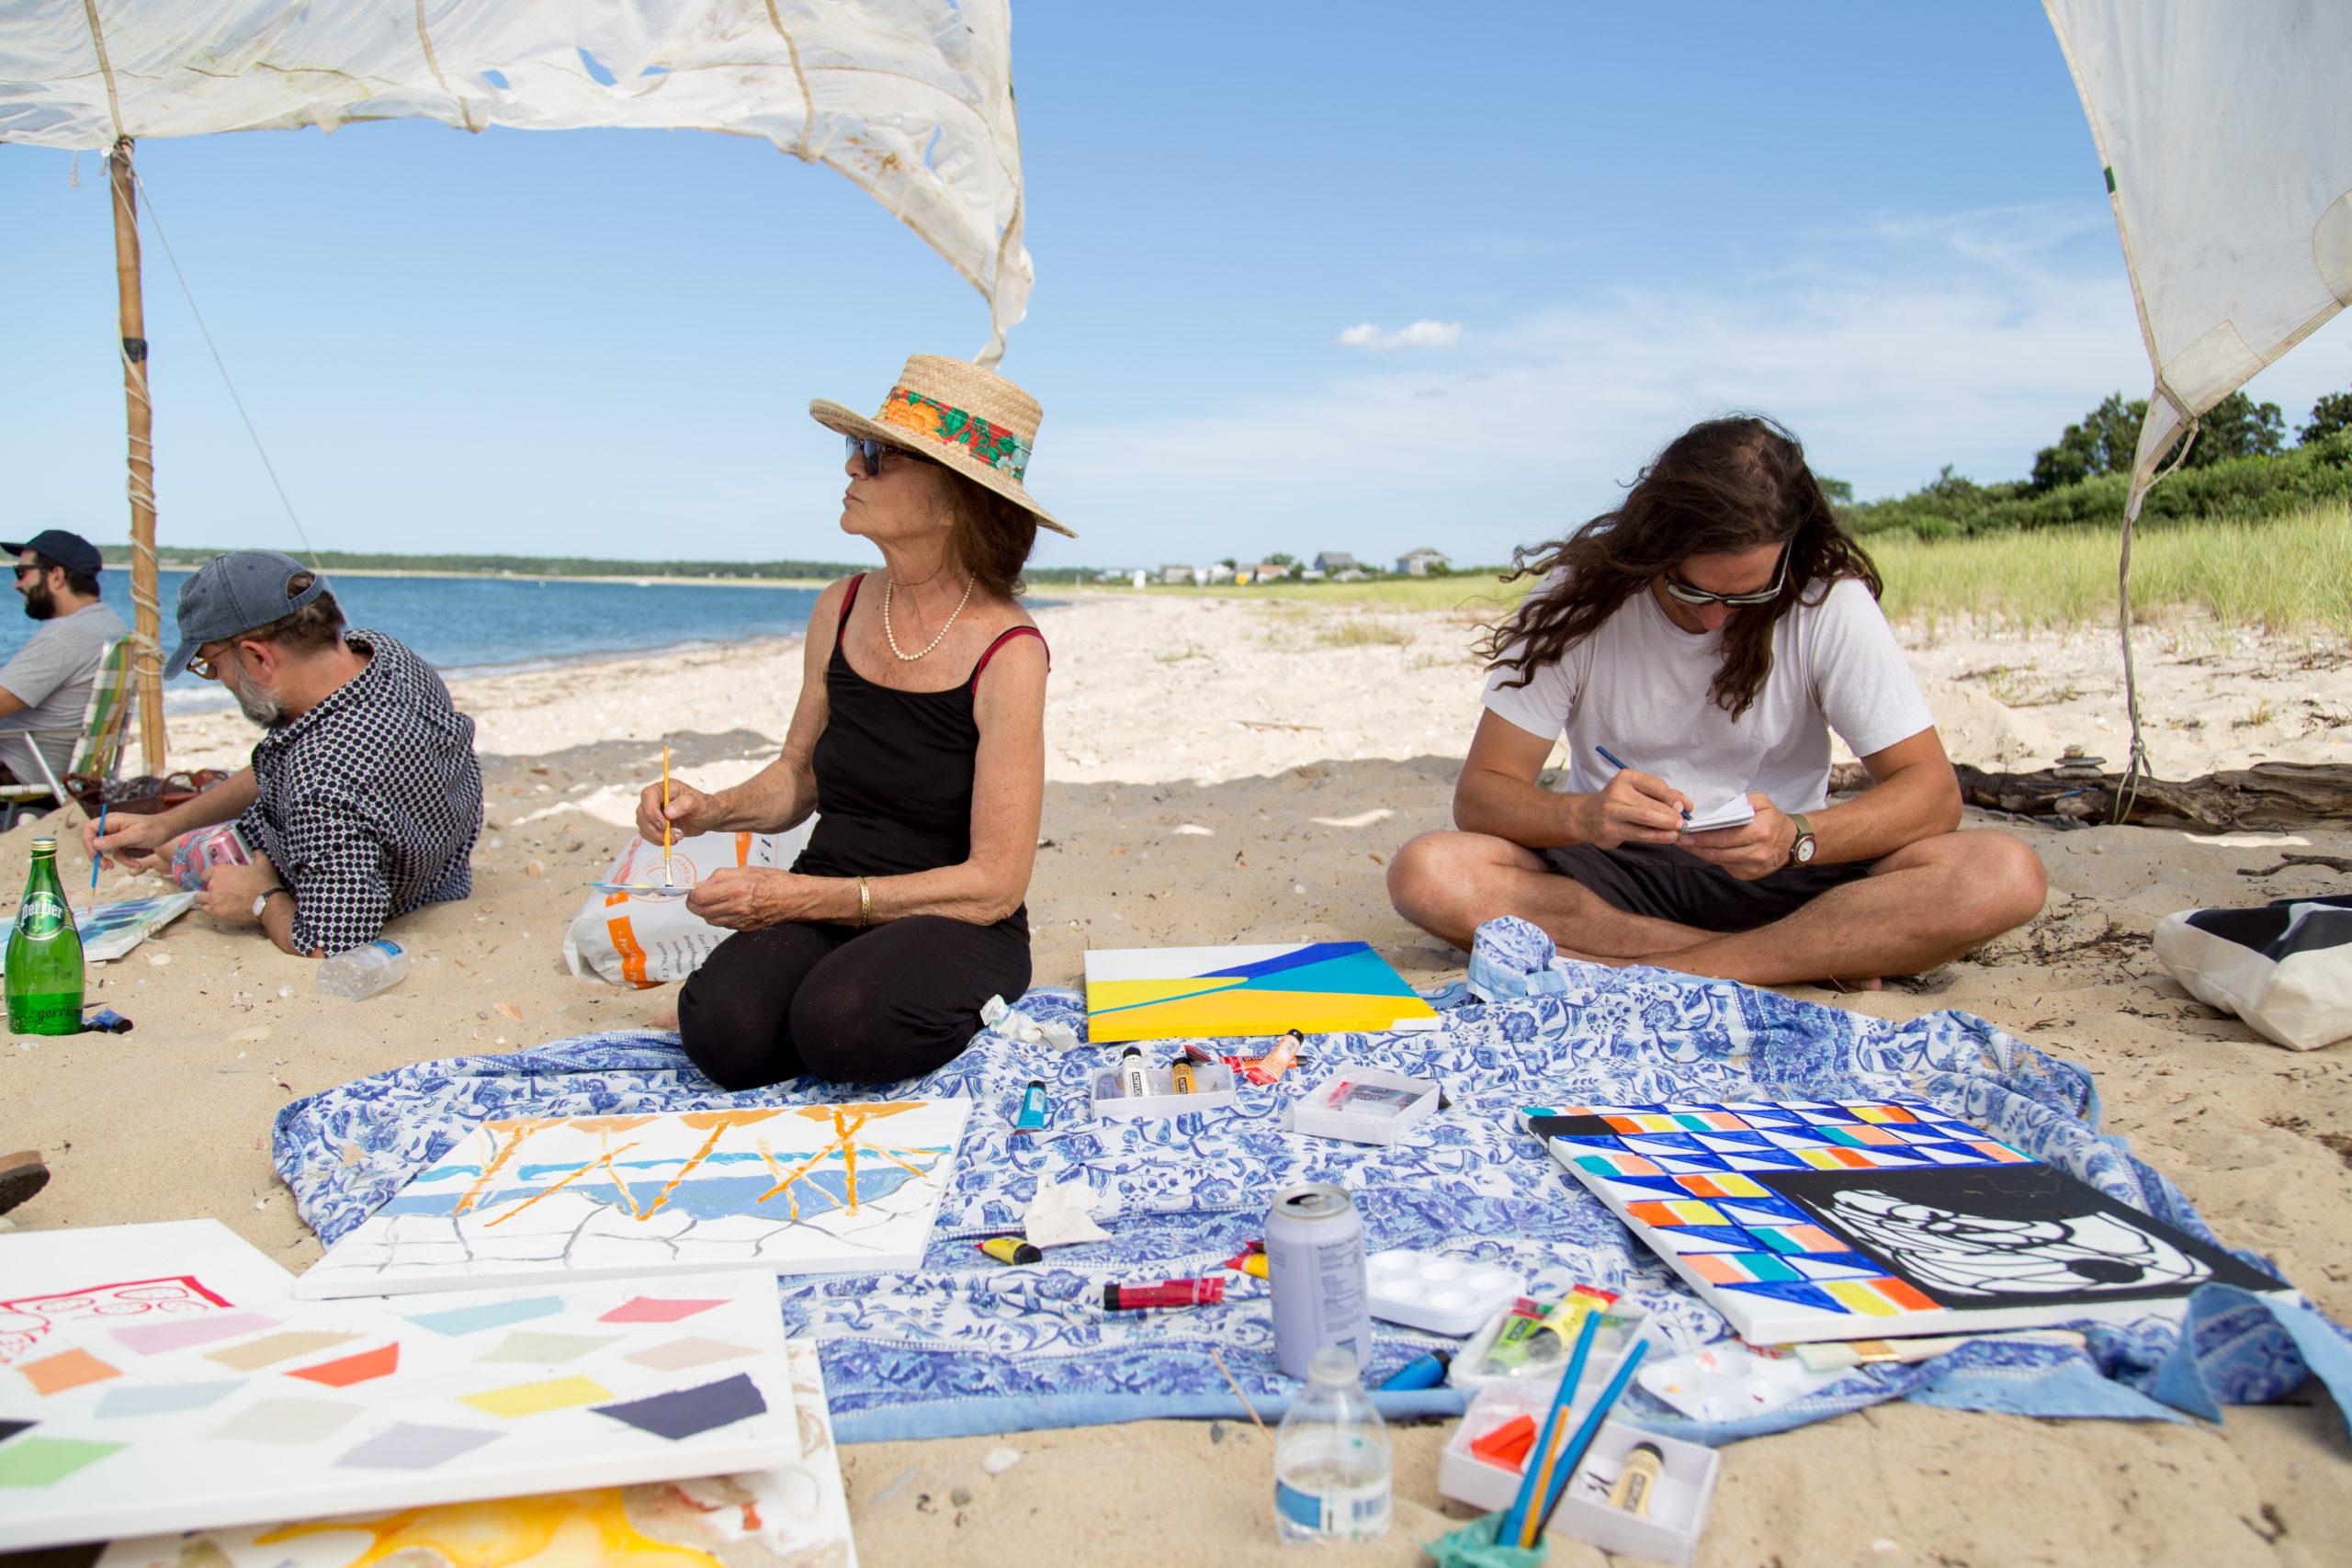 BeachPainting19-37